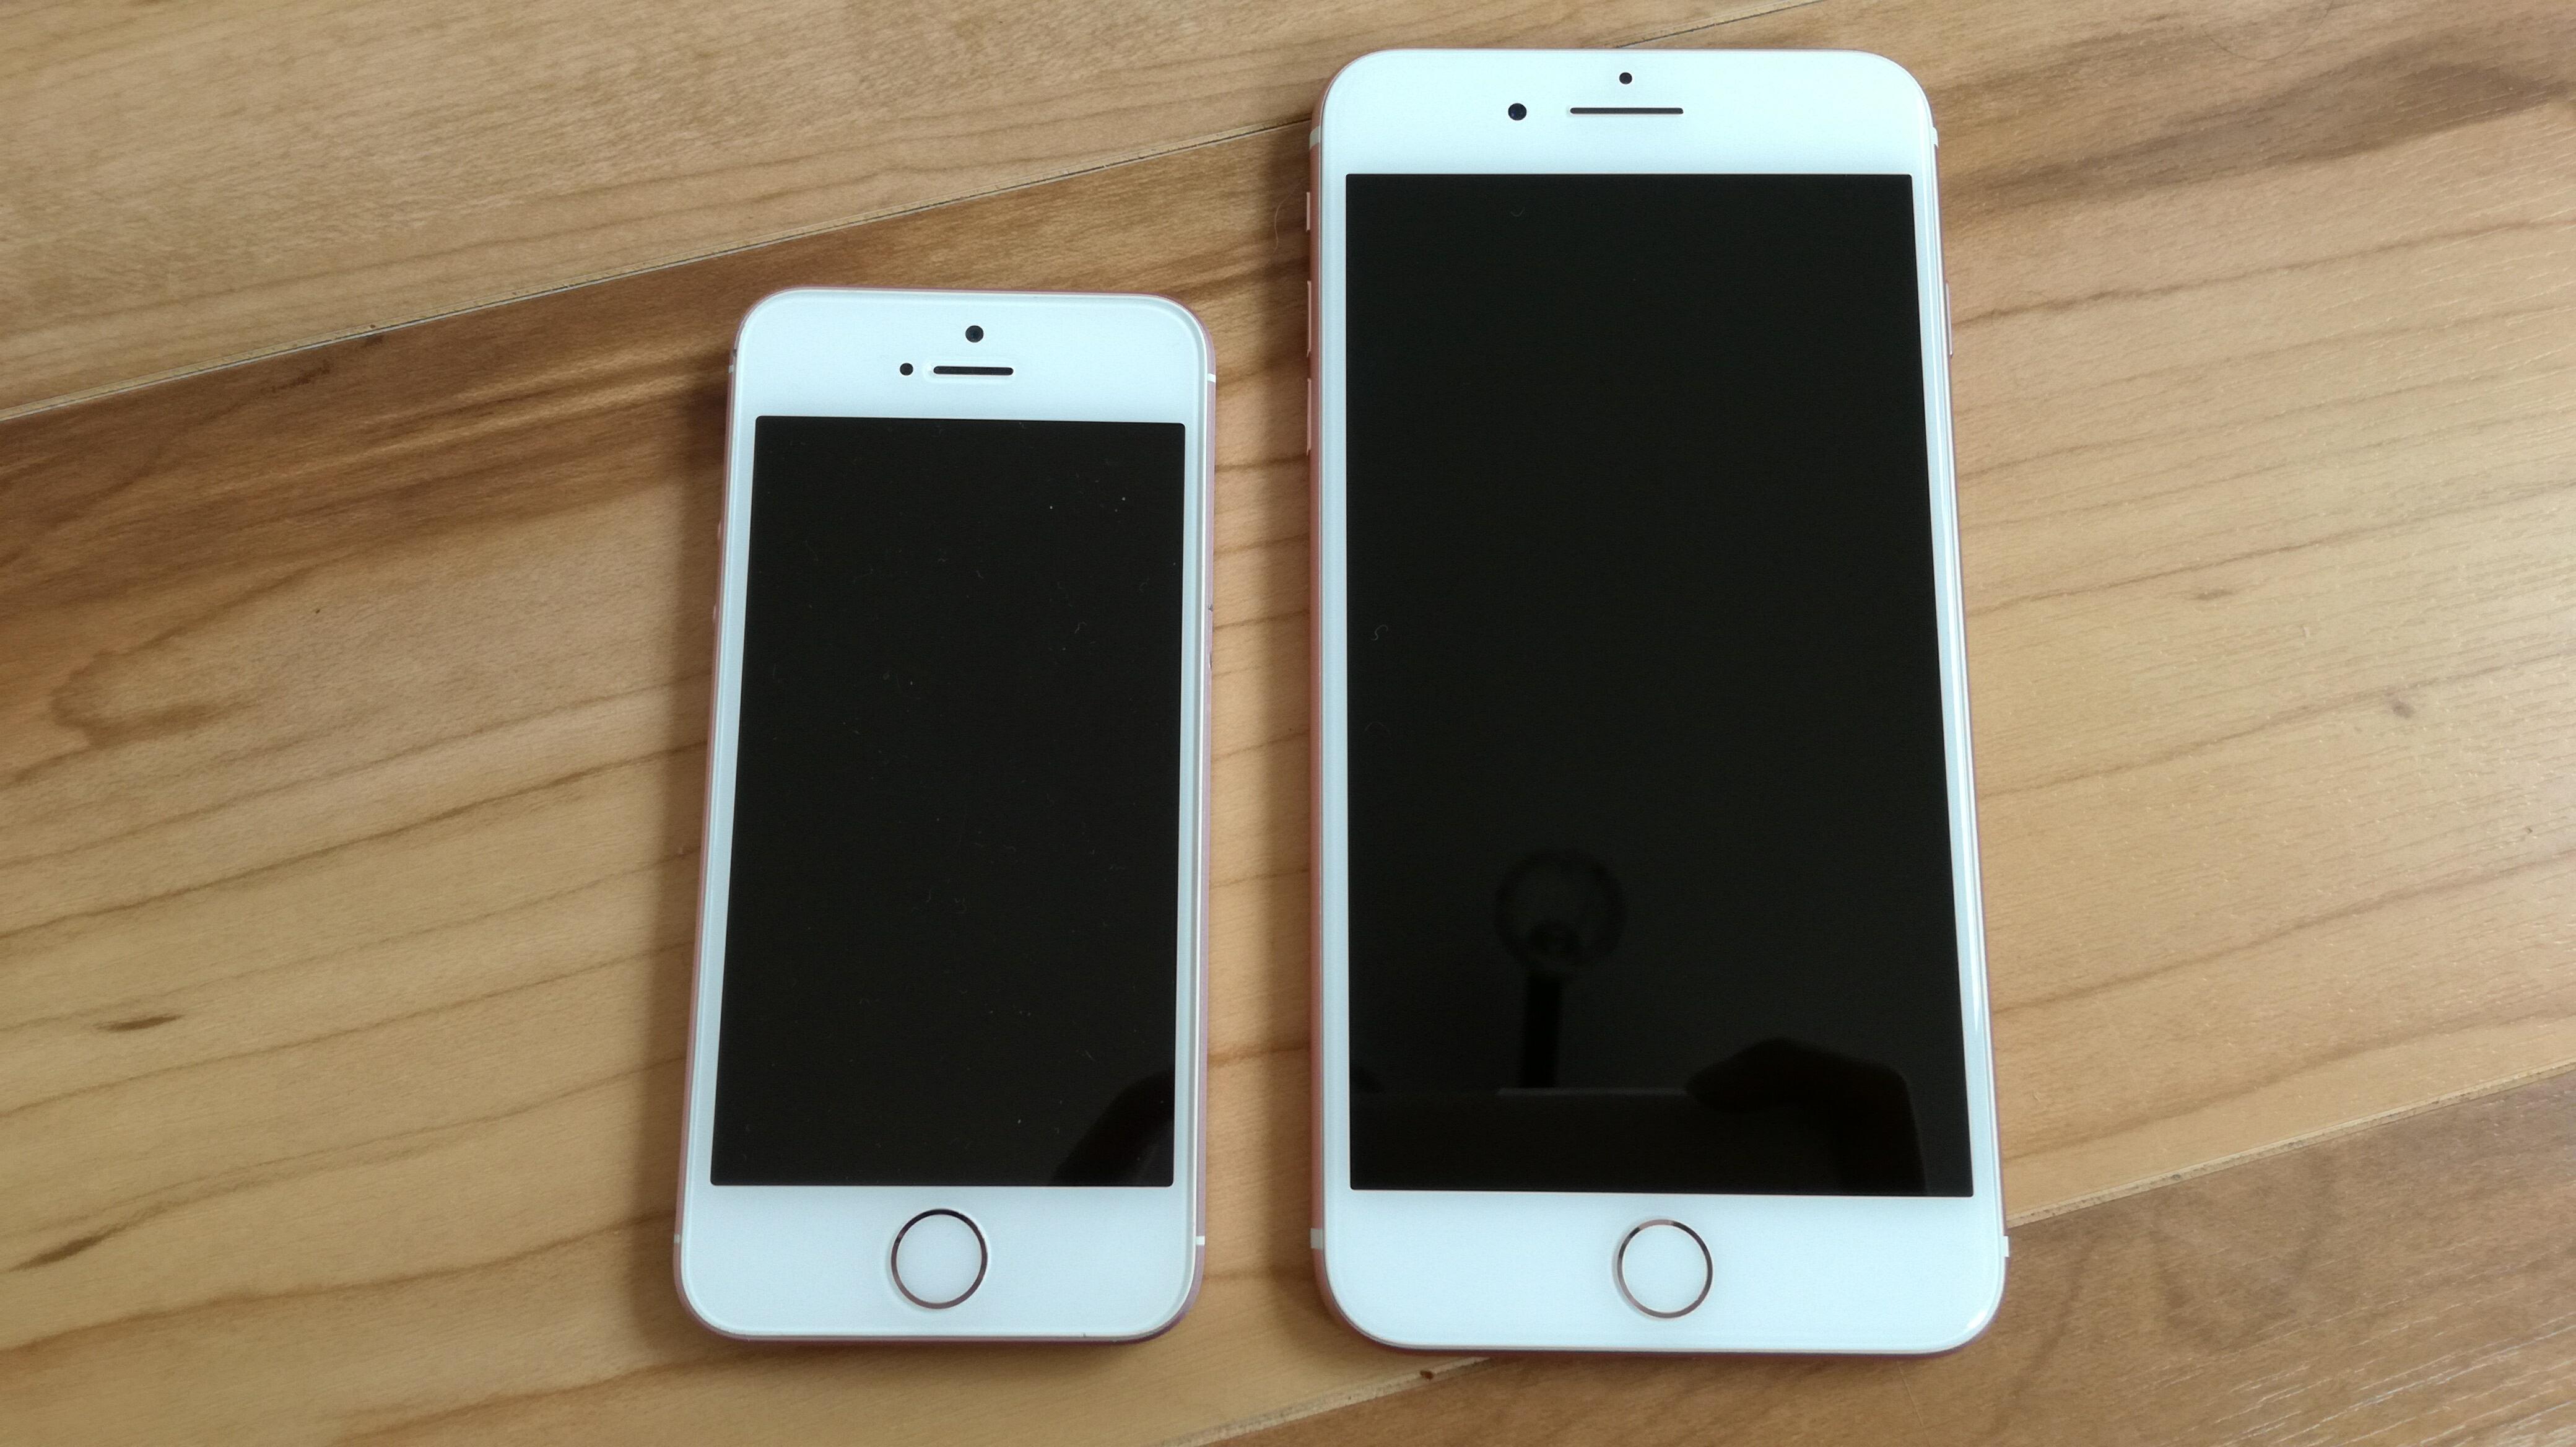 4インチのiPhoneSEと5.5インチのiPhone7 Plus